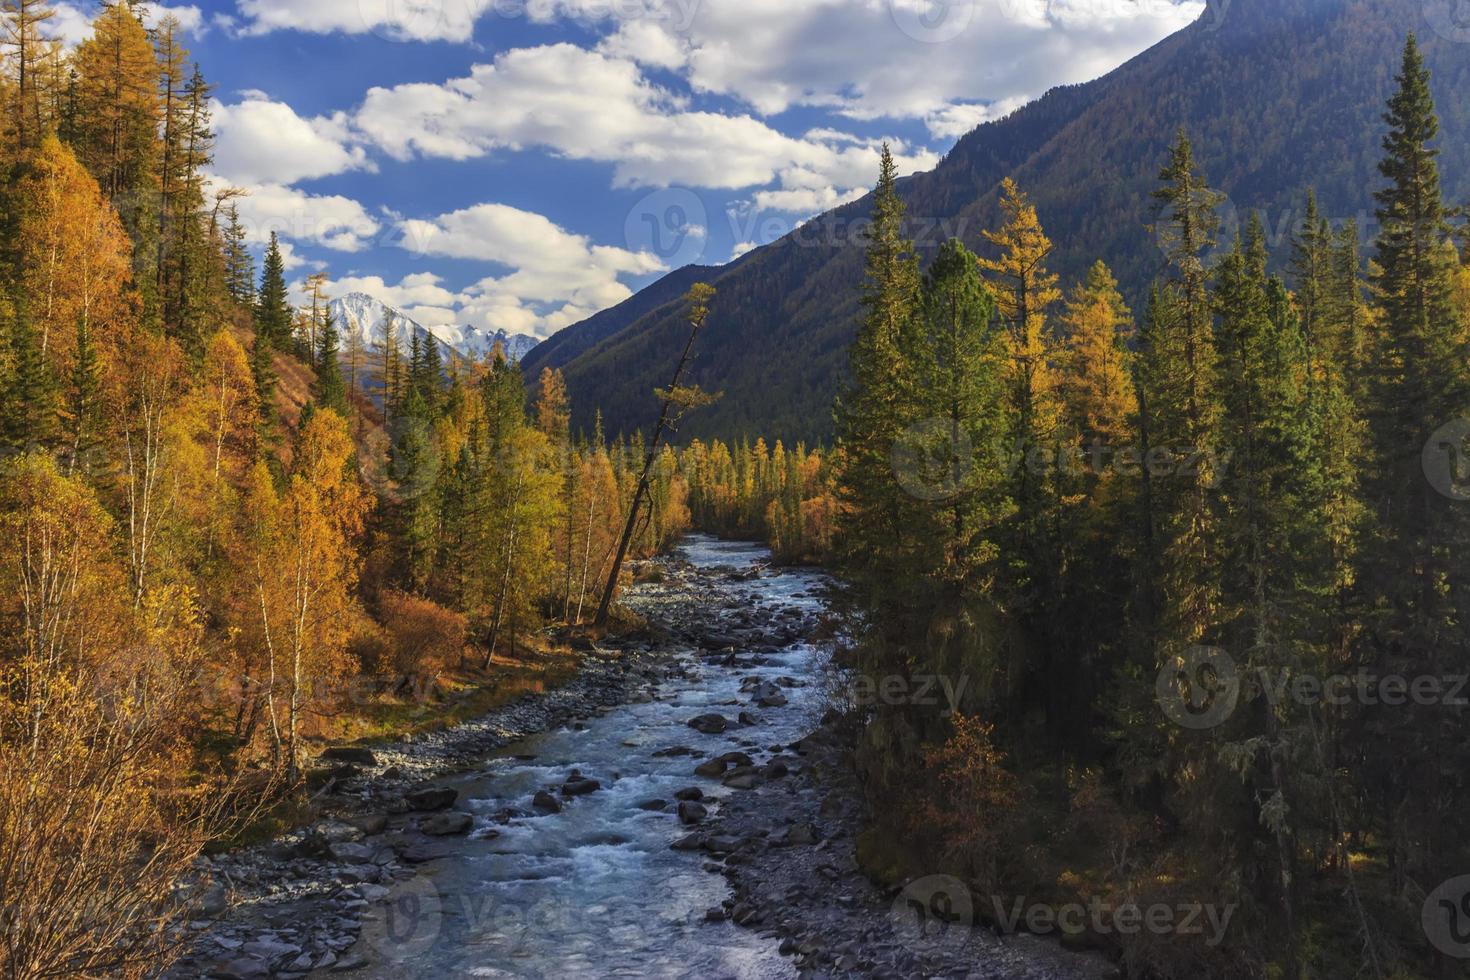 paysage d'automne avec montagnes, rivière et arbres jaunes. photo